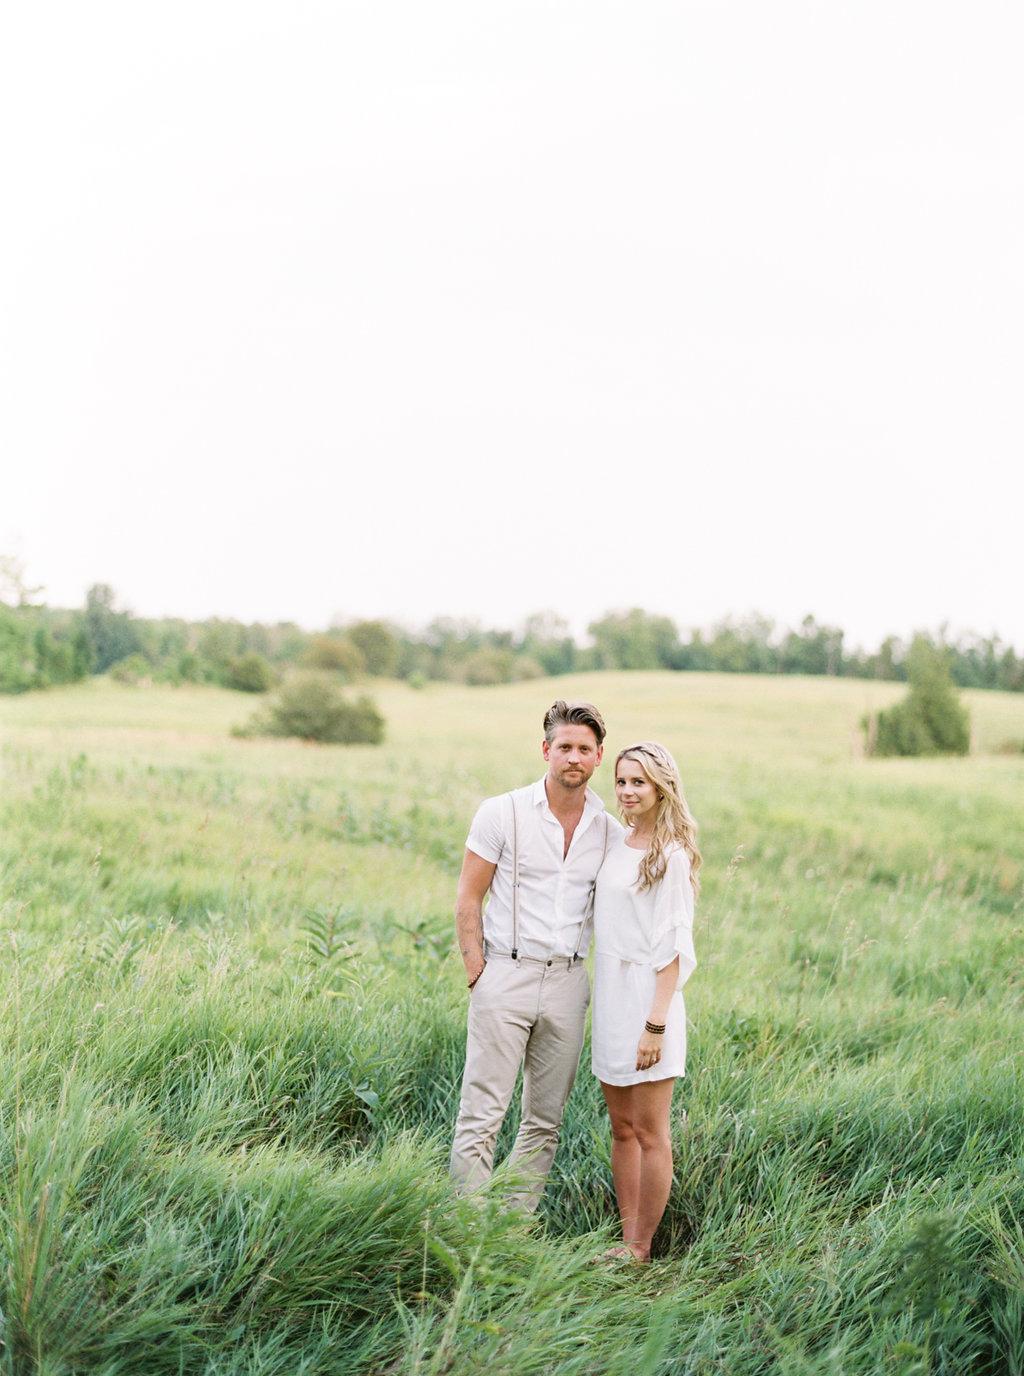 Farmhouse Engagement Session | Kayla Yestal | Ontario Wedding Photographer | Toronto Photographer | Canadian Wedding | Fine Art Wedding Blog | Canadian Wedding Blog | Joy Wed | Stacey Foley Design